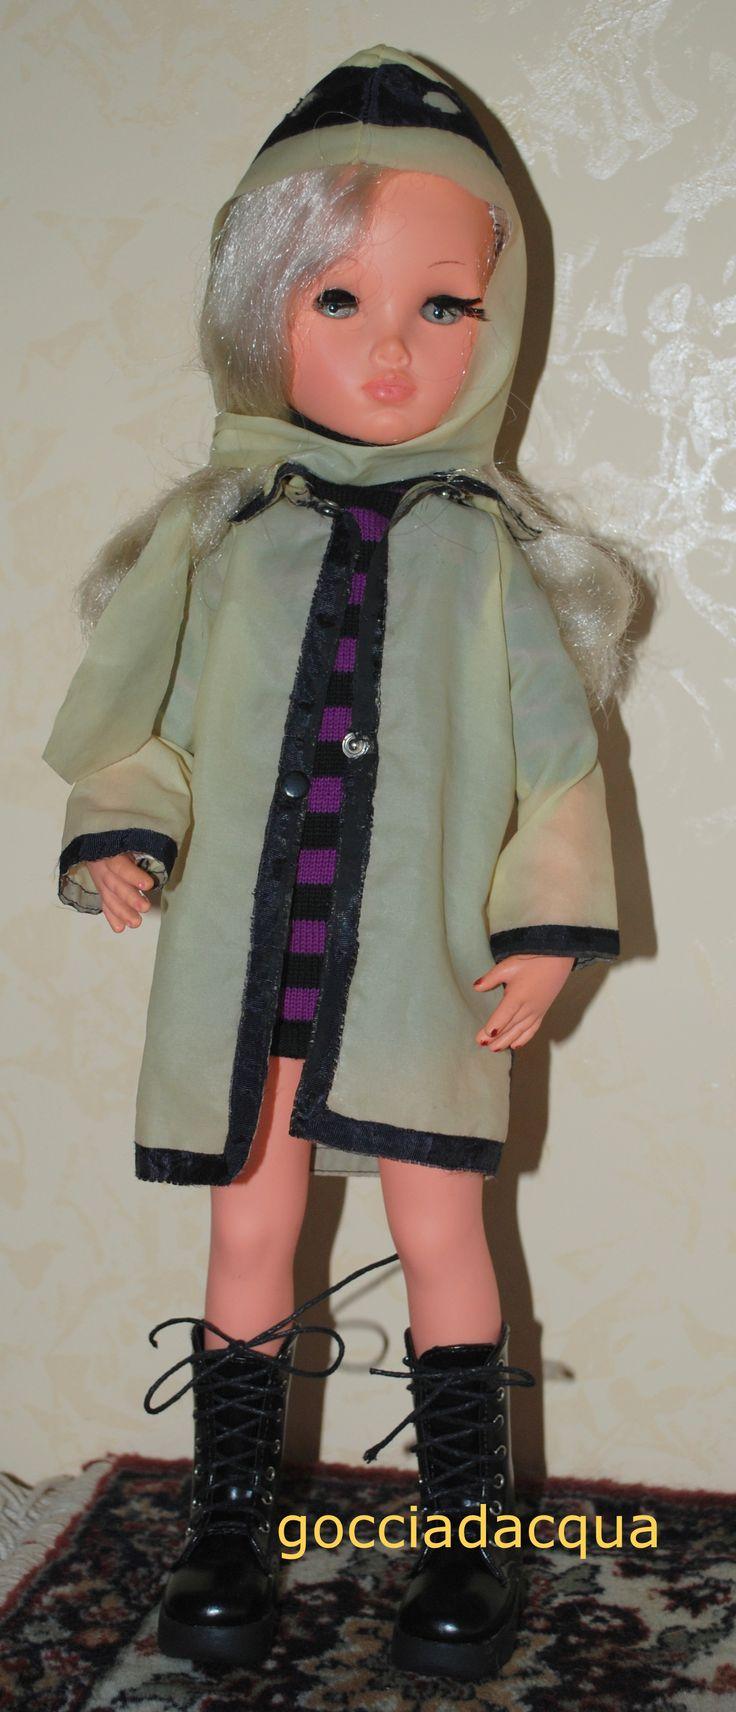 Sylvie con l'impermeabile 'Sotto la pioggia' (originale) del 1967, indossato su un miniabito di maglia a righe ed abbinato ad anfibi neri